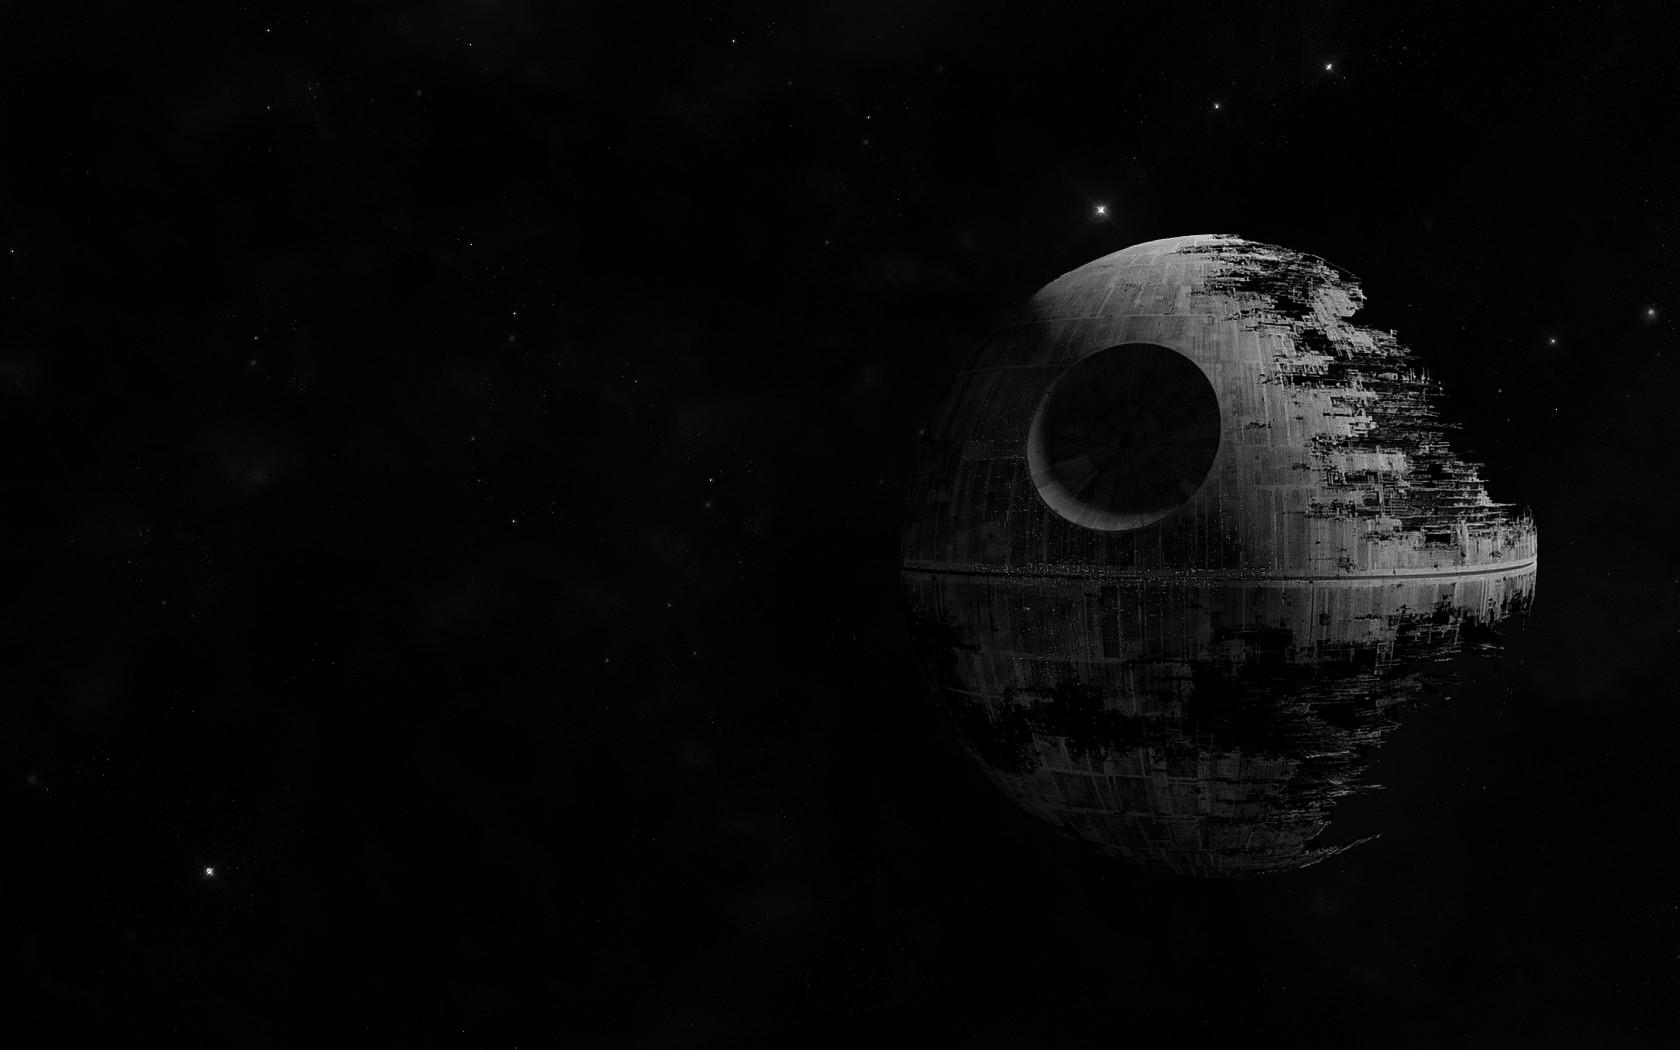 Подробности дополнения «Звезда Смерти»